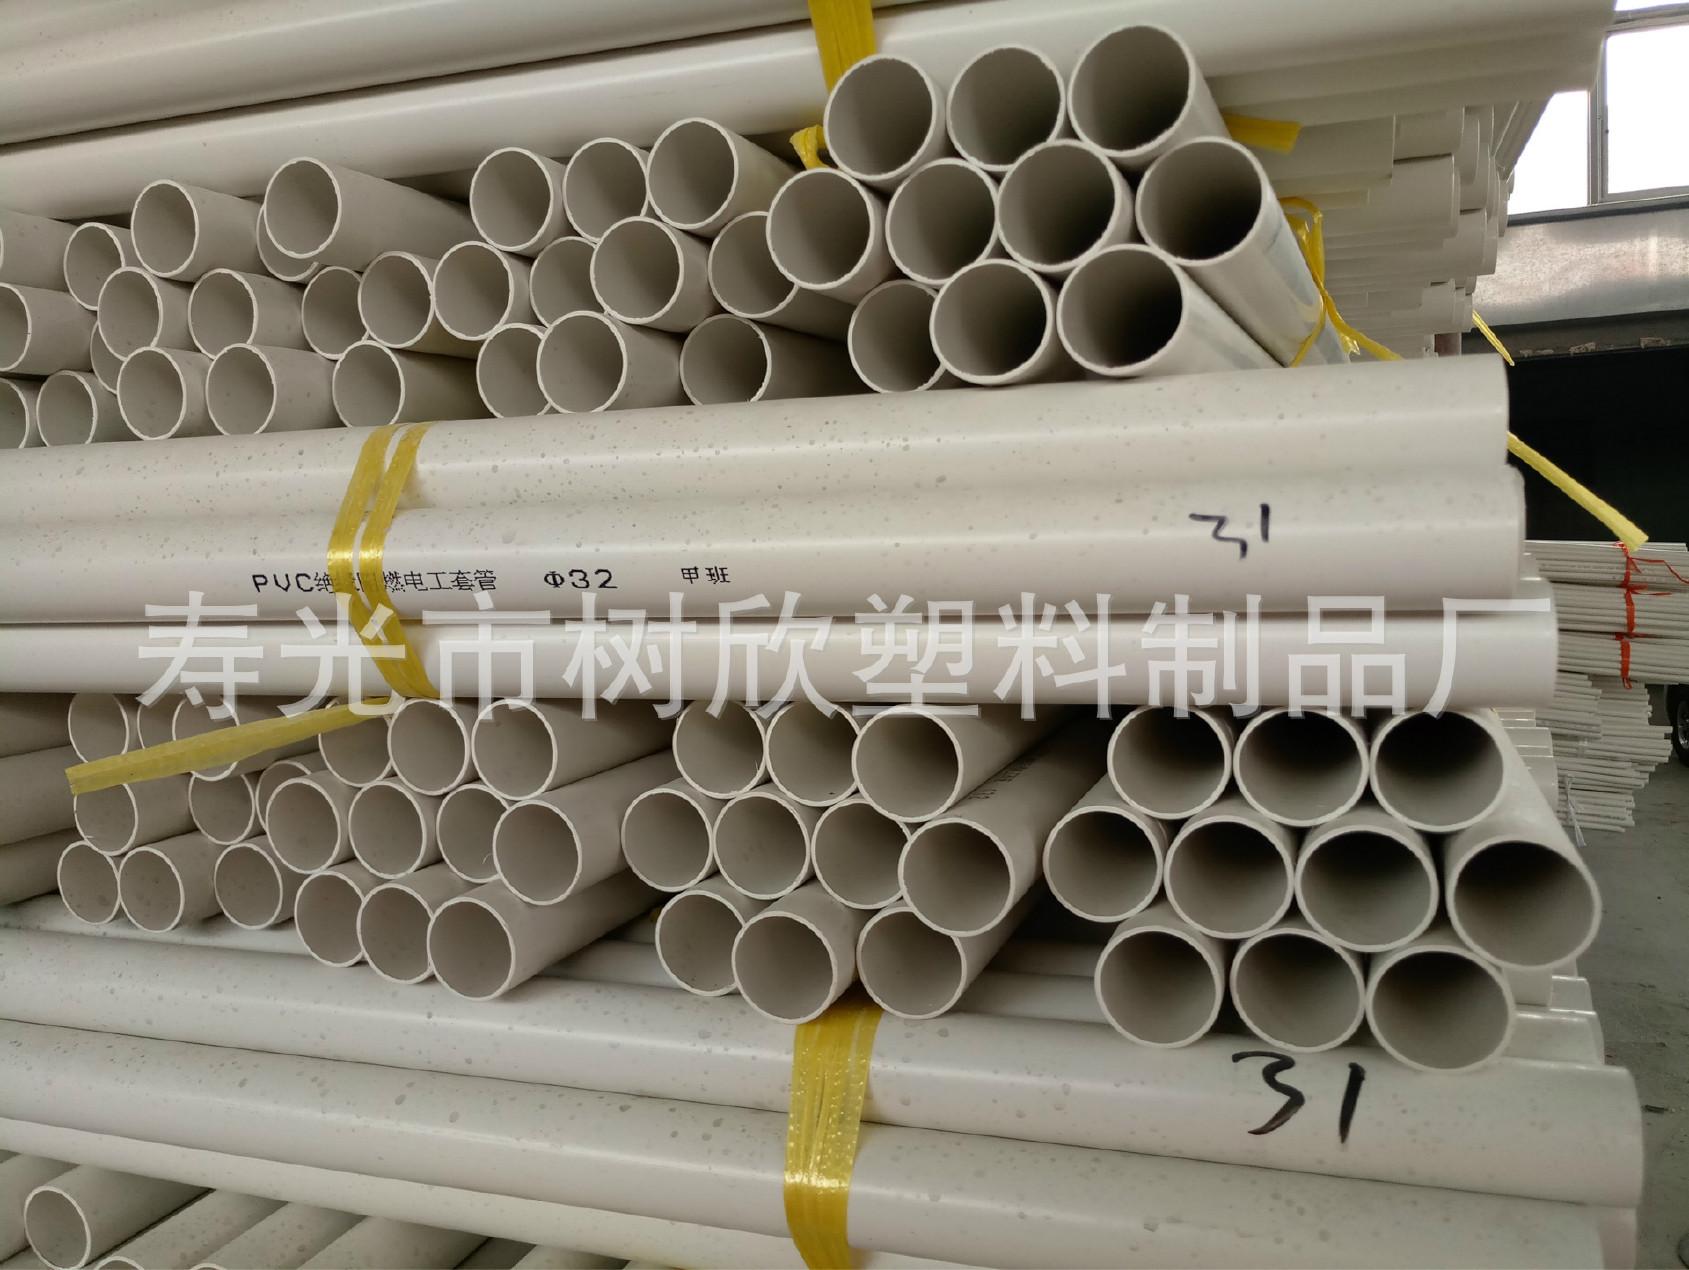 pvc电工套管 pvc阻燃建筑用绝缘电工套管 PVC电线管穿线管批发示例图45